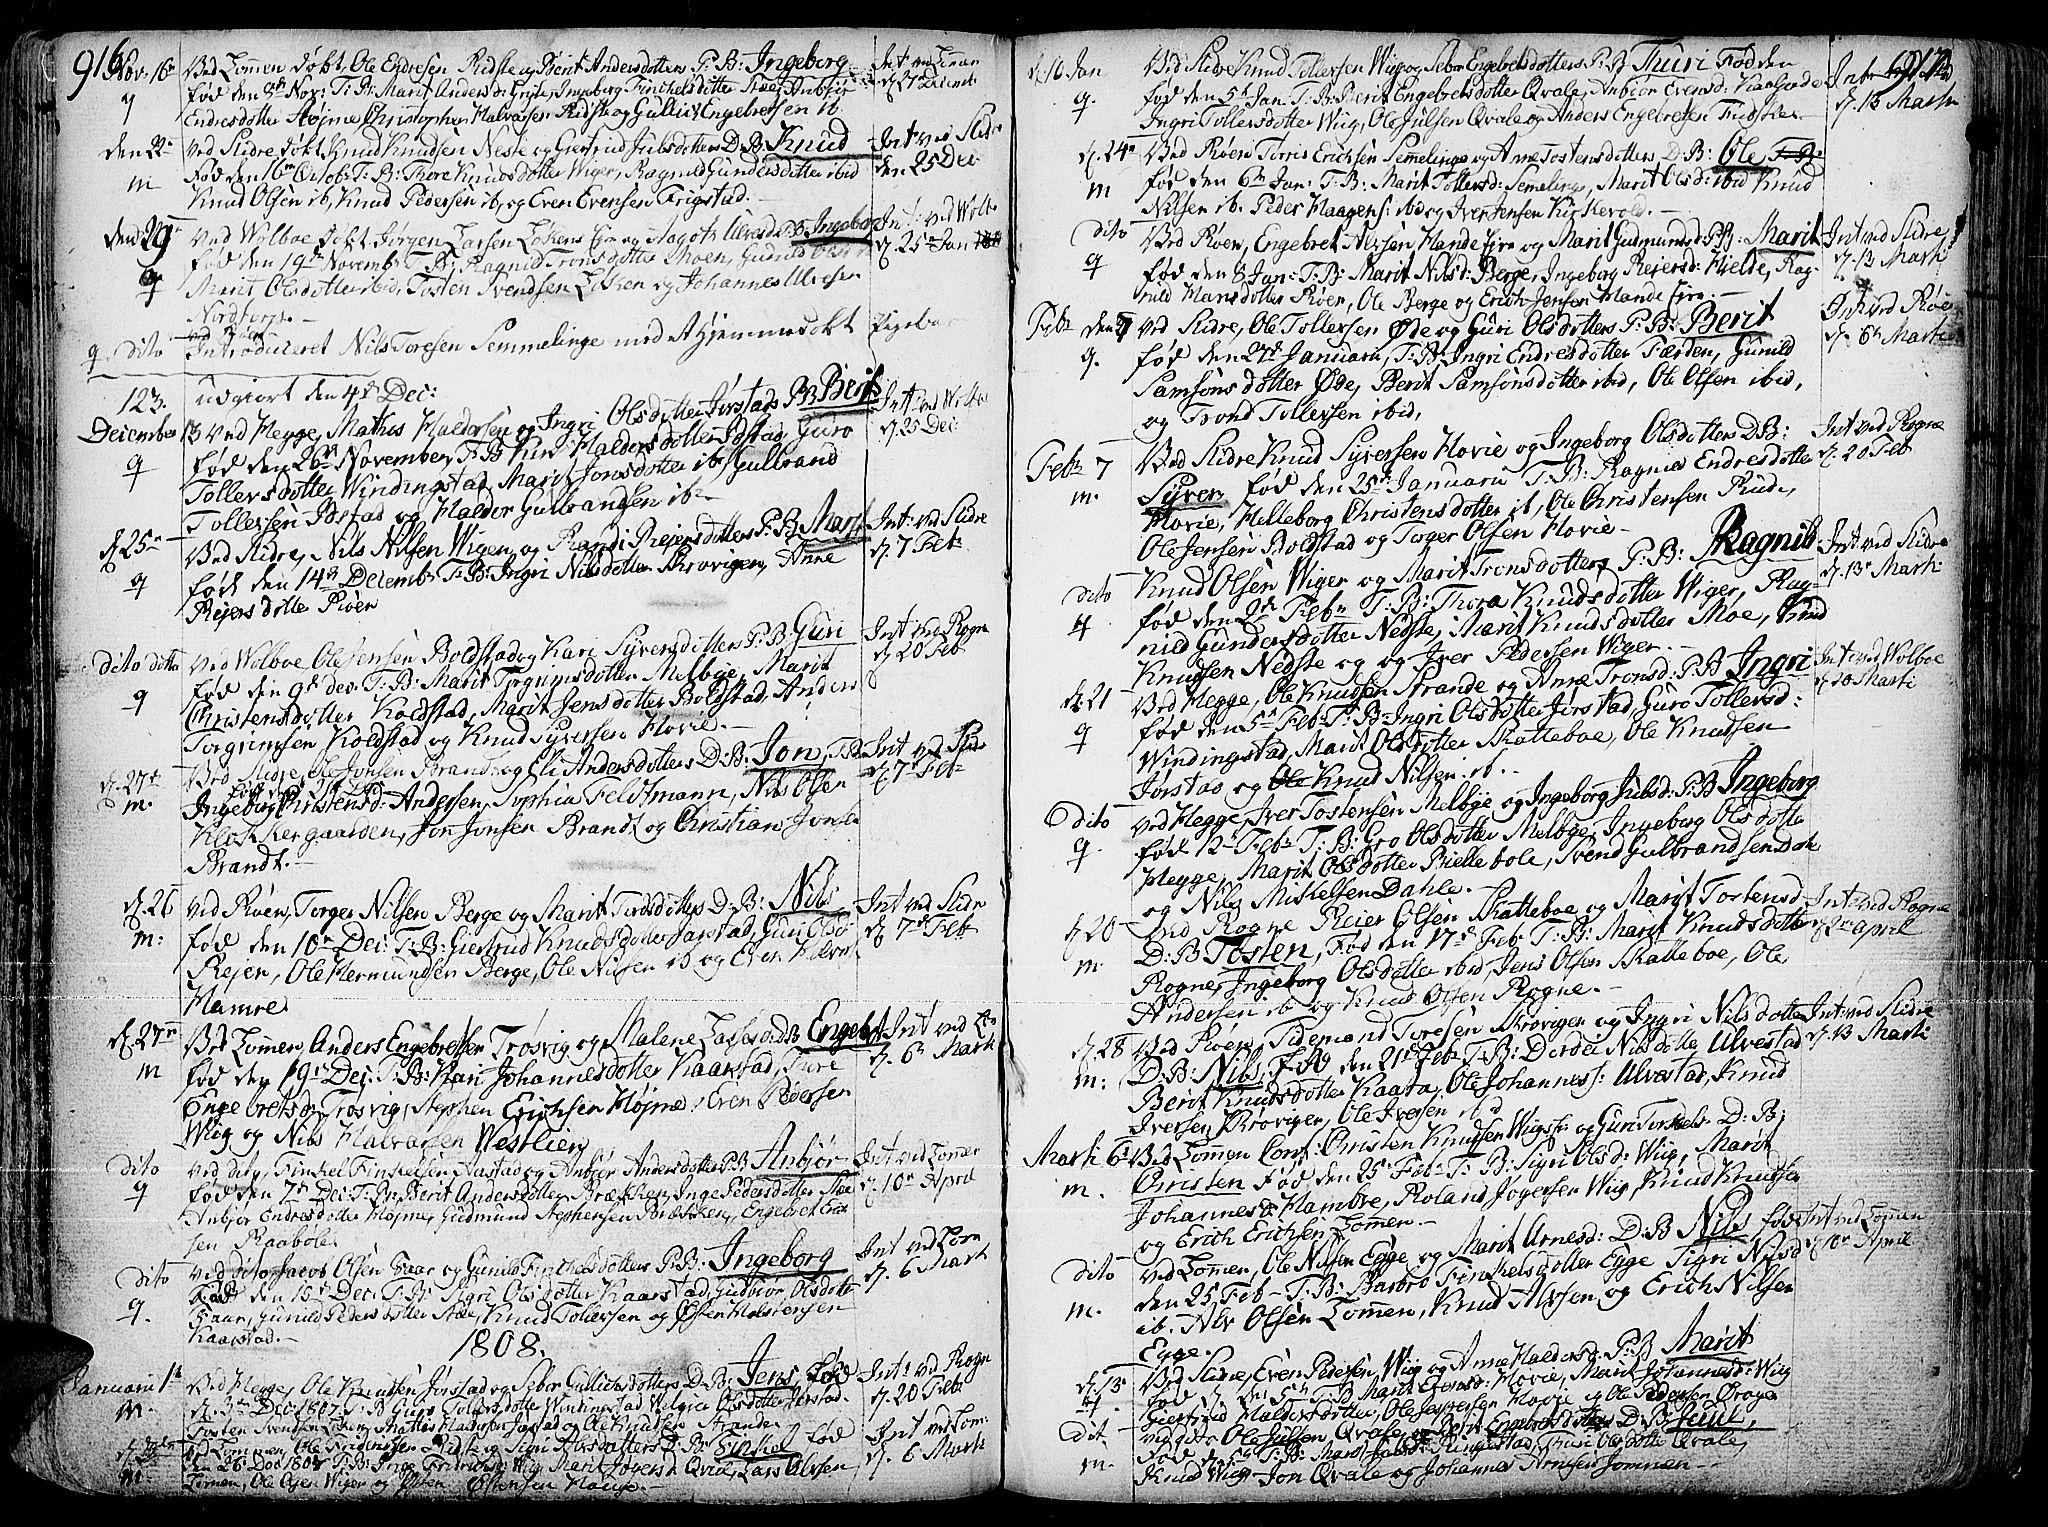 SAH, Slidre prestekontor, Ministerialbok nr. 1, 1724-1814, s. 916-917